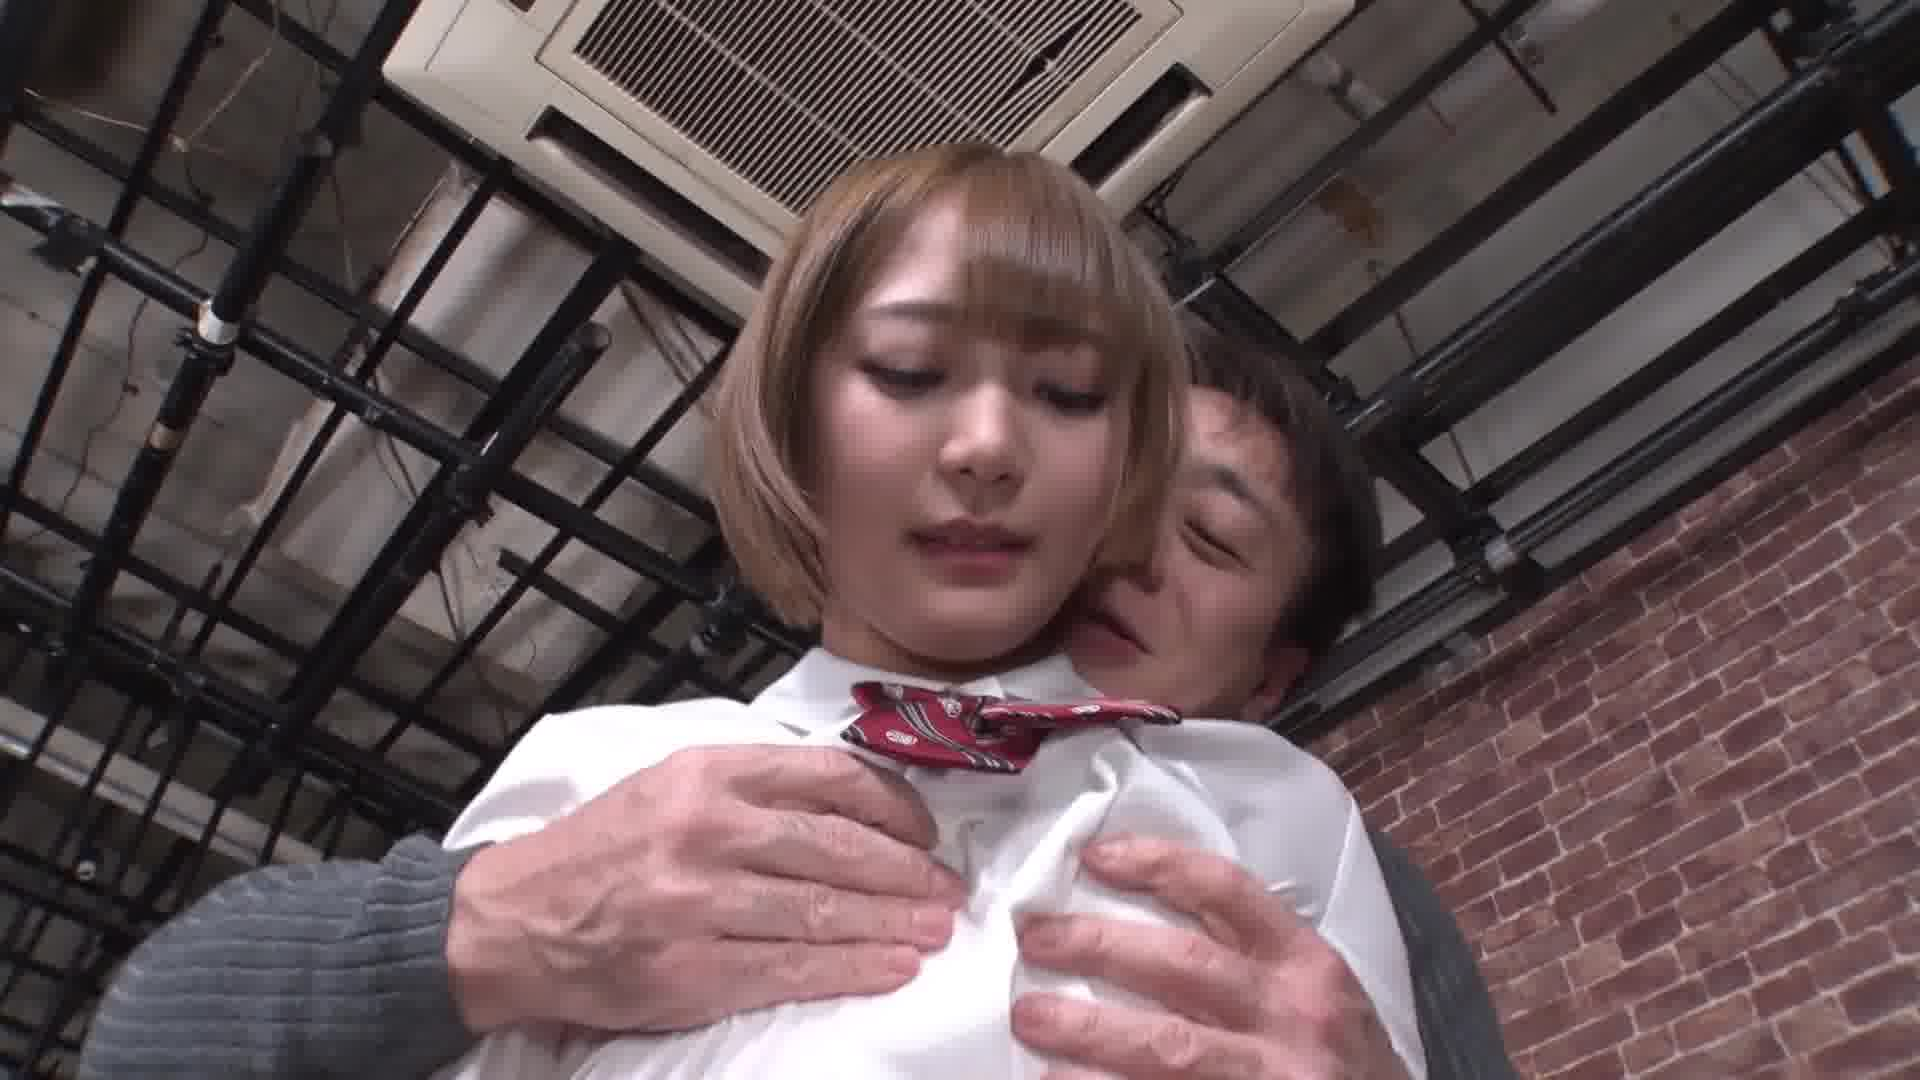 制服美女倶楽部 Vol.22 - 中瀬のぞみ【制服・ハード系・SM】